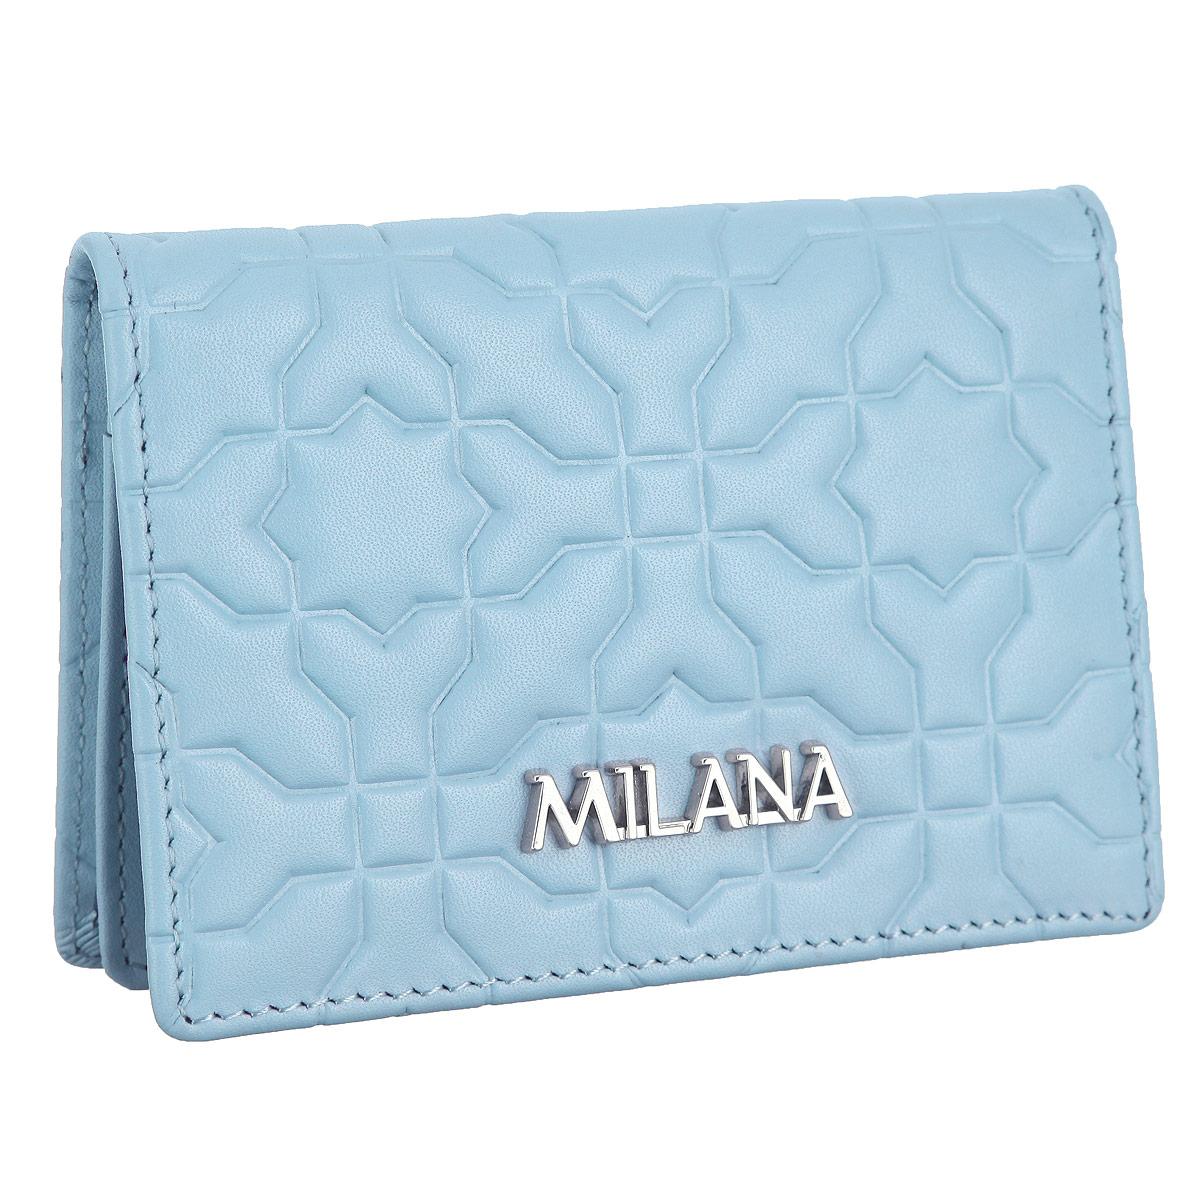 ��������� Milana, ����: �������. 141902-3-153 - Milana141902-3-153�������� ��������� Milana ��������� �� ����������� ���� � ������������ ��������� � ��������� ������������� ��������� � ��������� ������. ������� ��������������, ������ ����������� ��� �������� ��� ������� � ���� ���������� ��������� ������ ����� �������� ������ ������������� �������� ��������, �������� ������������ � ���������� ����.